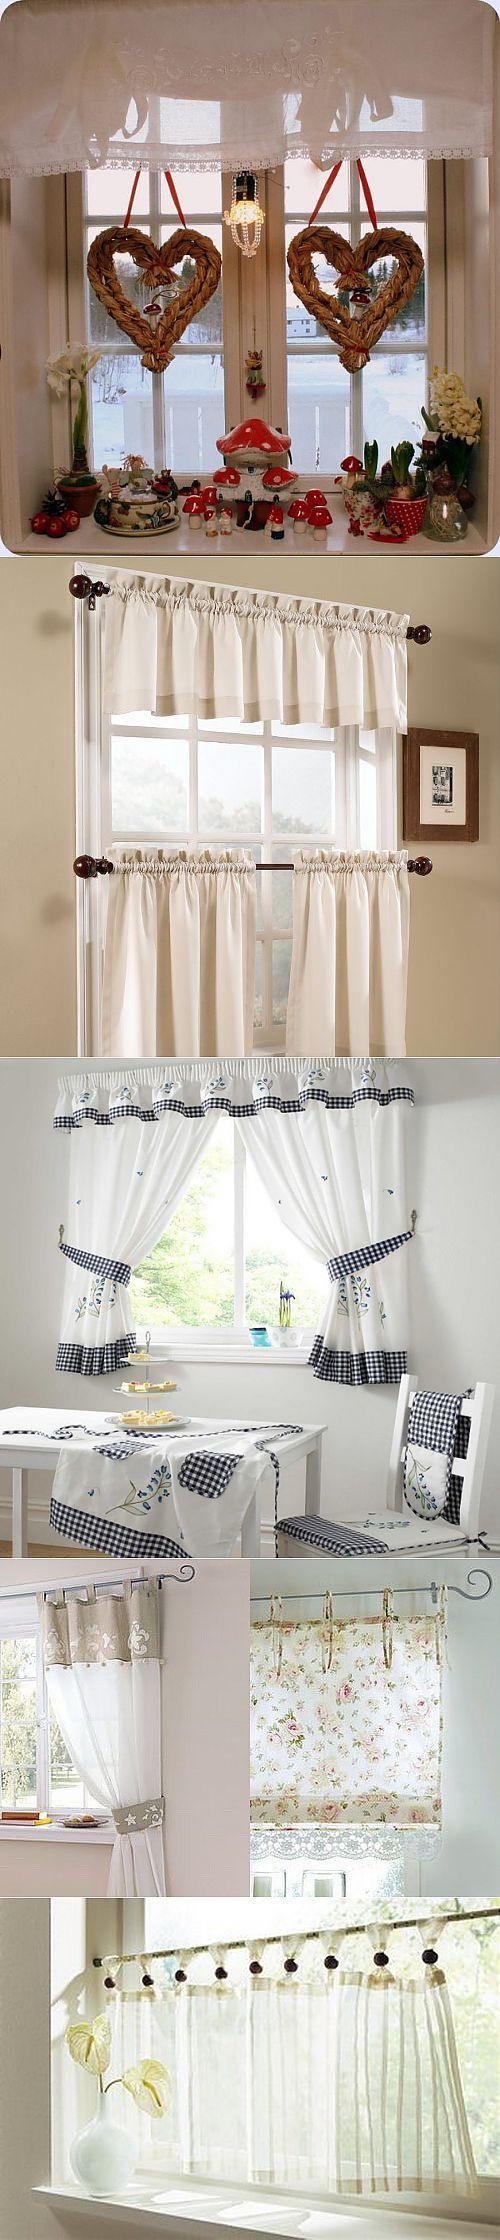 Оригинальное оформление окна на кухне | Интерьер и Дизайн